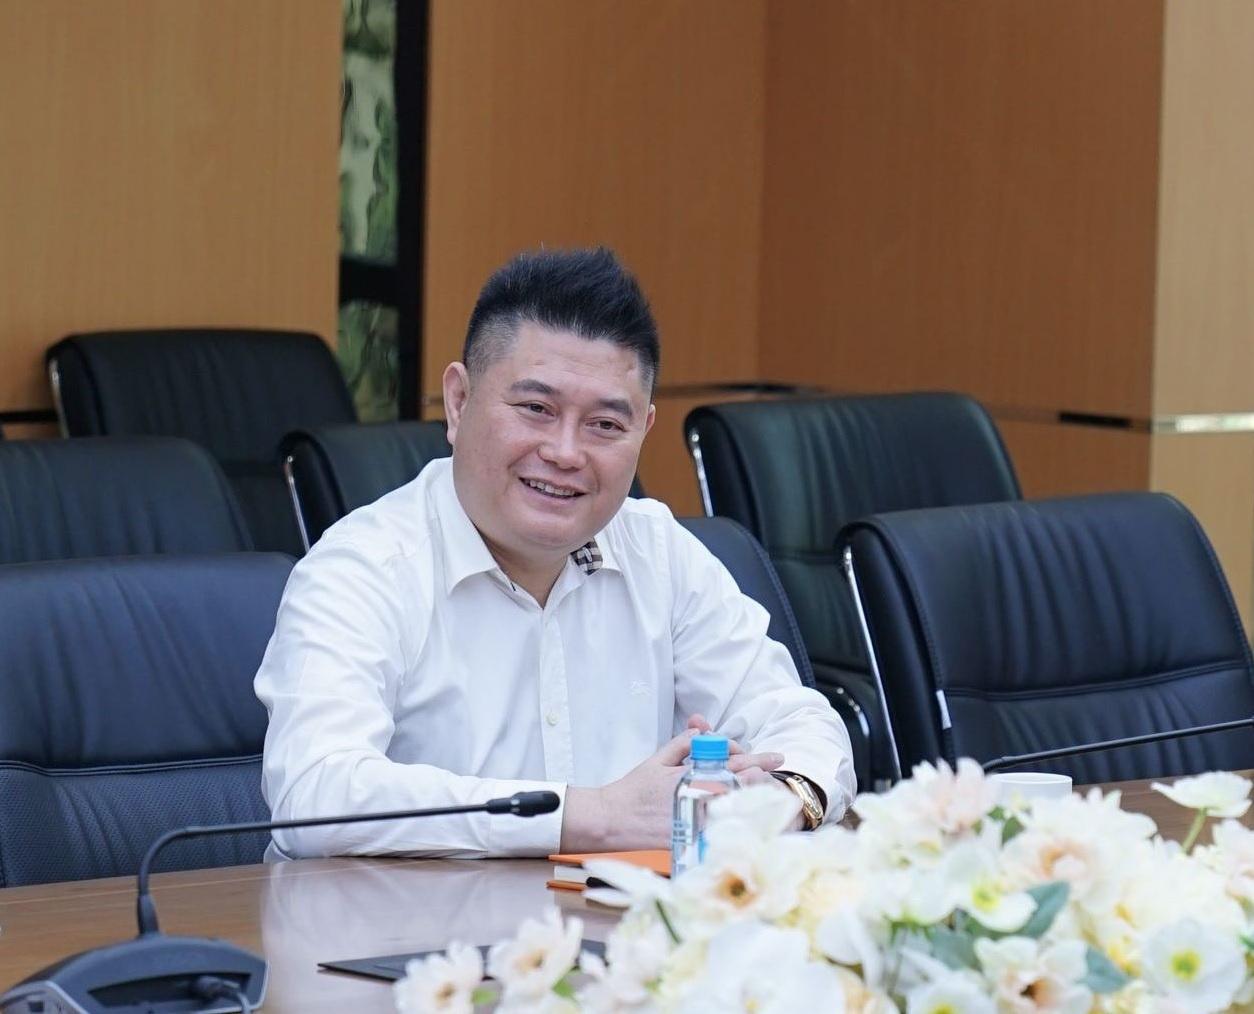 Bau Thuy muon tang so huu tai LienVietPostBank anh 1  - ong_nguyen_duc_thuy - Bầu Thụy dự chi gần 1.000 tỷ đồng mua cổ phiếu LienVietPostBank